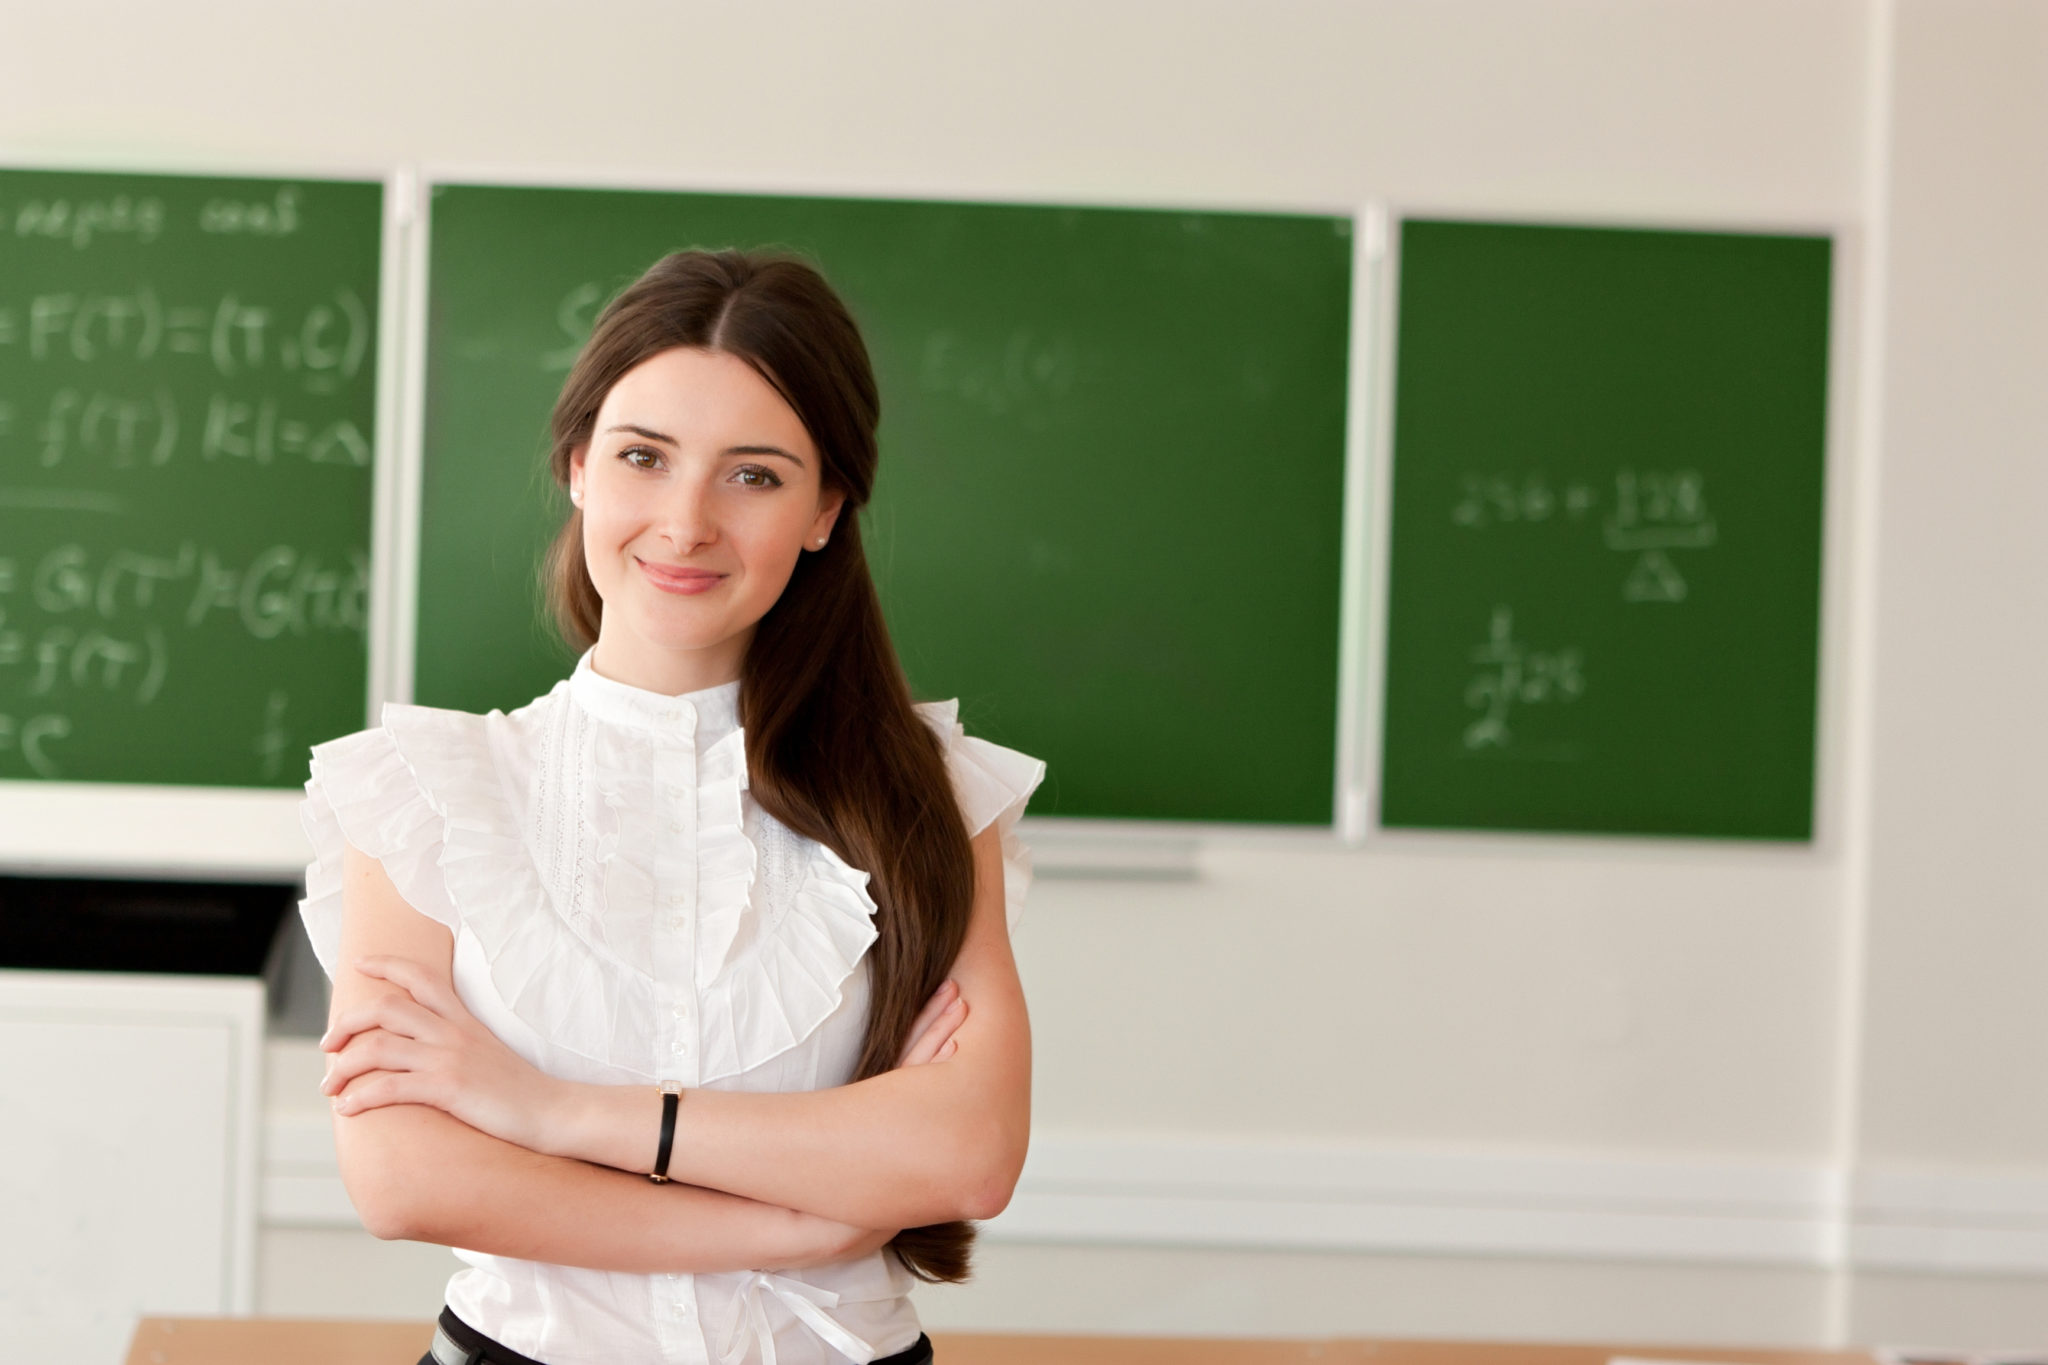 empleo de profesor en Zaragoza, trabajo de profesor de educación primaria, empleo de profesor de secundaria - Trabaja en Colegios con CVExpres ¡Entra!